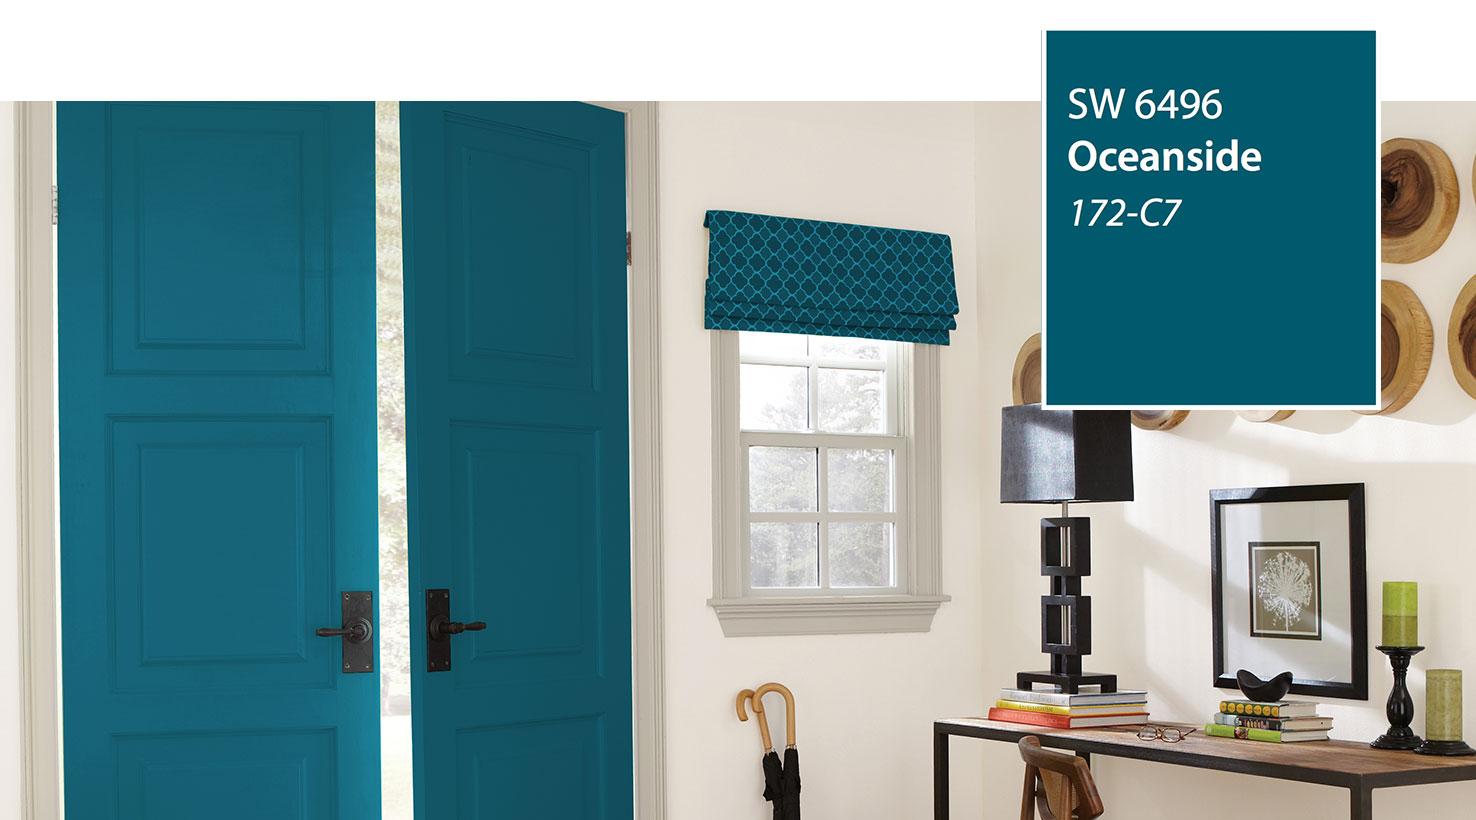 sw-img-coty18-oceanside-3.jpg